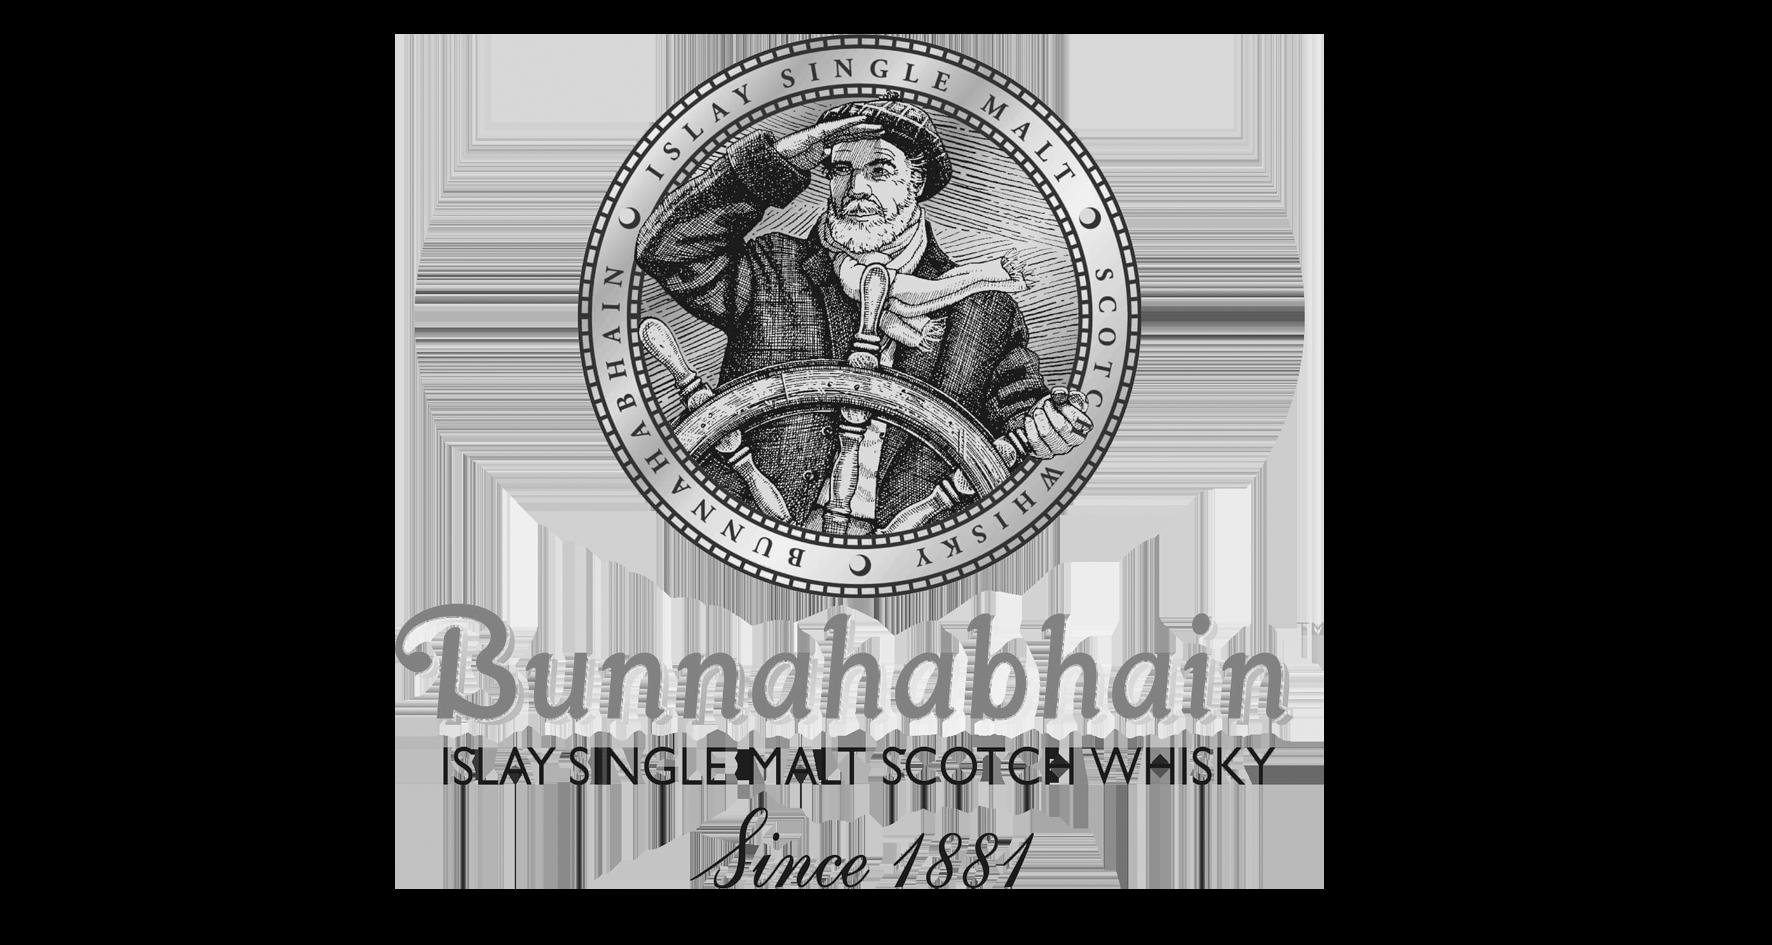 Bunnahahbain